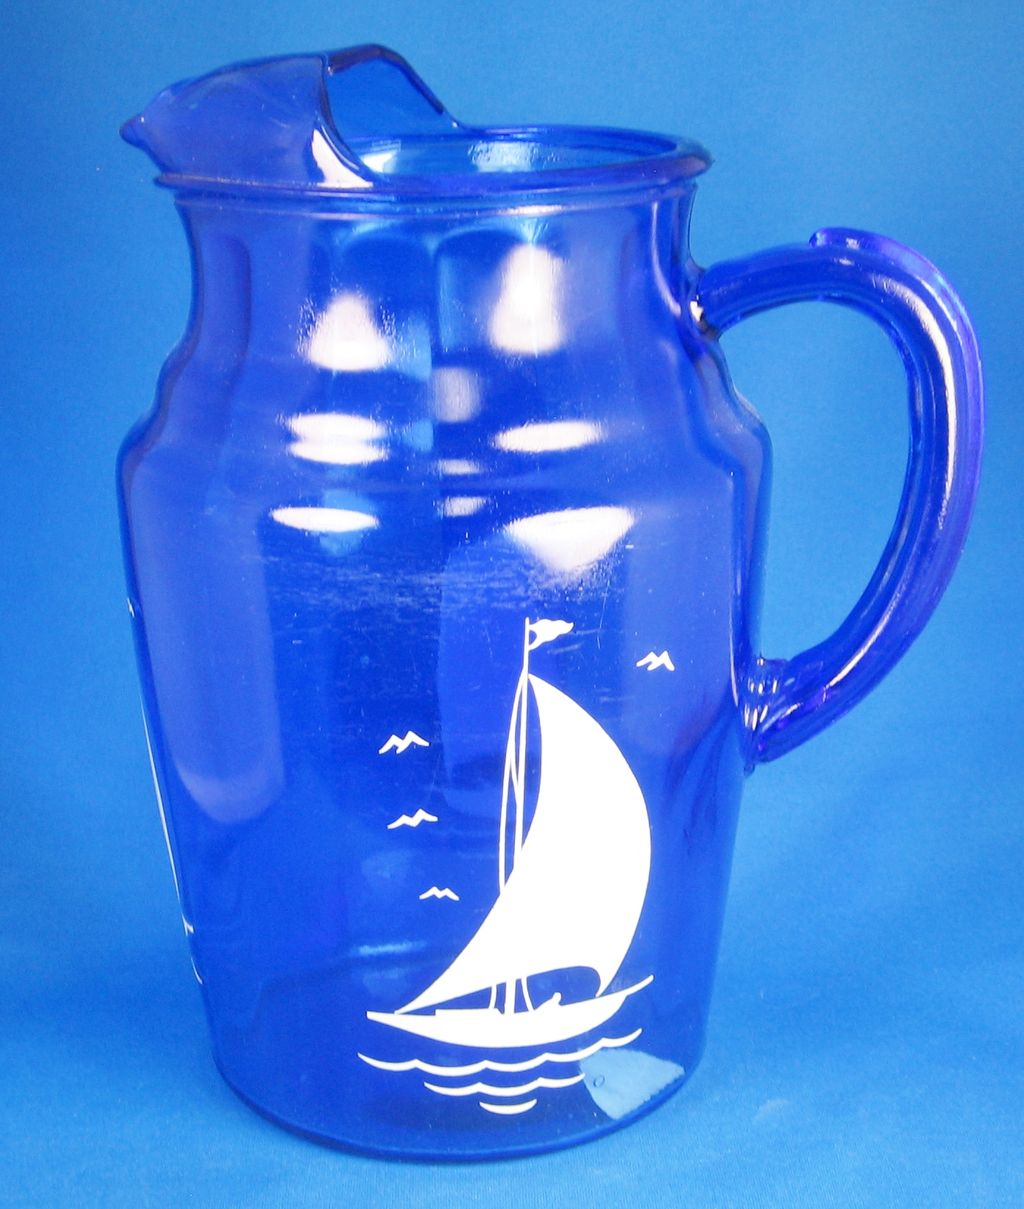 1930s Depression Glass Cobalt Blue Hazel Atlas Sailboat Patterned Pitcher and Glasses